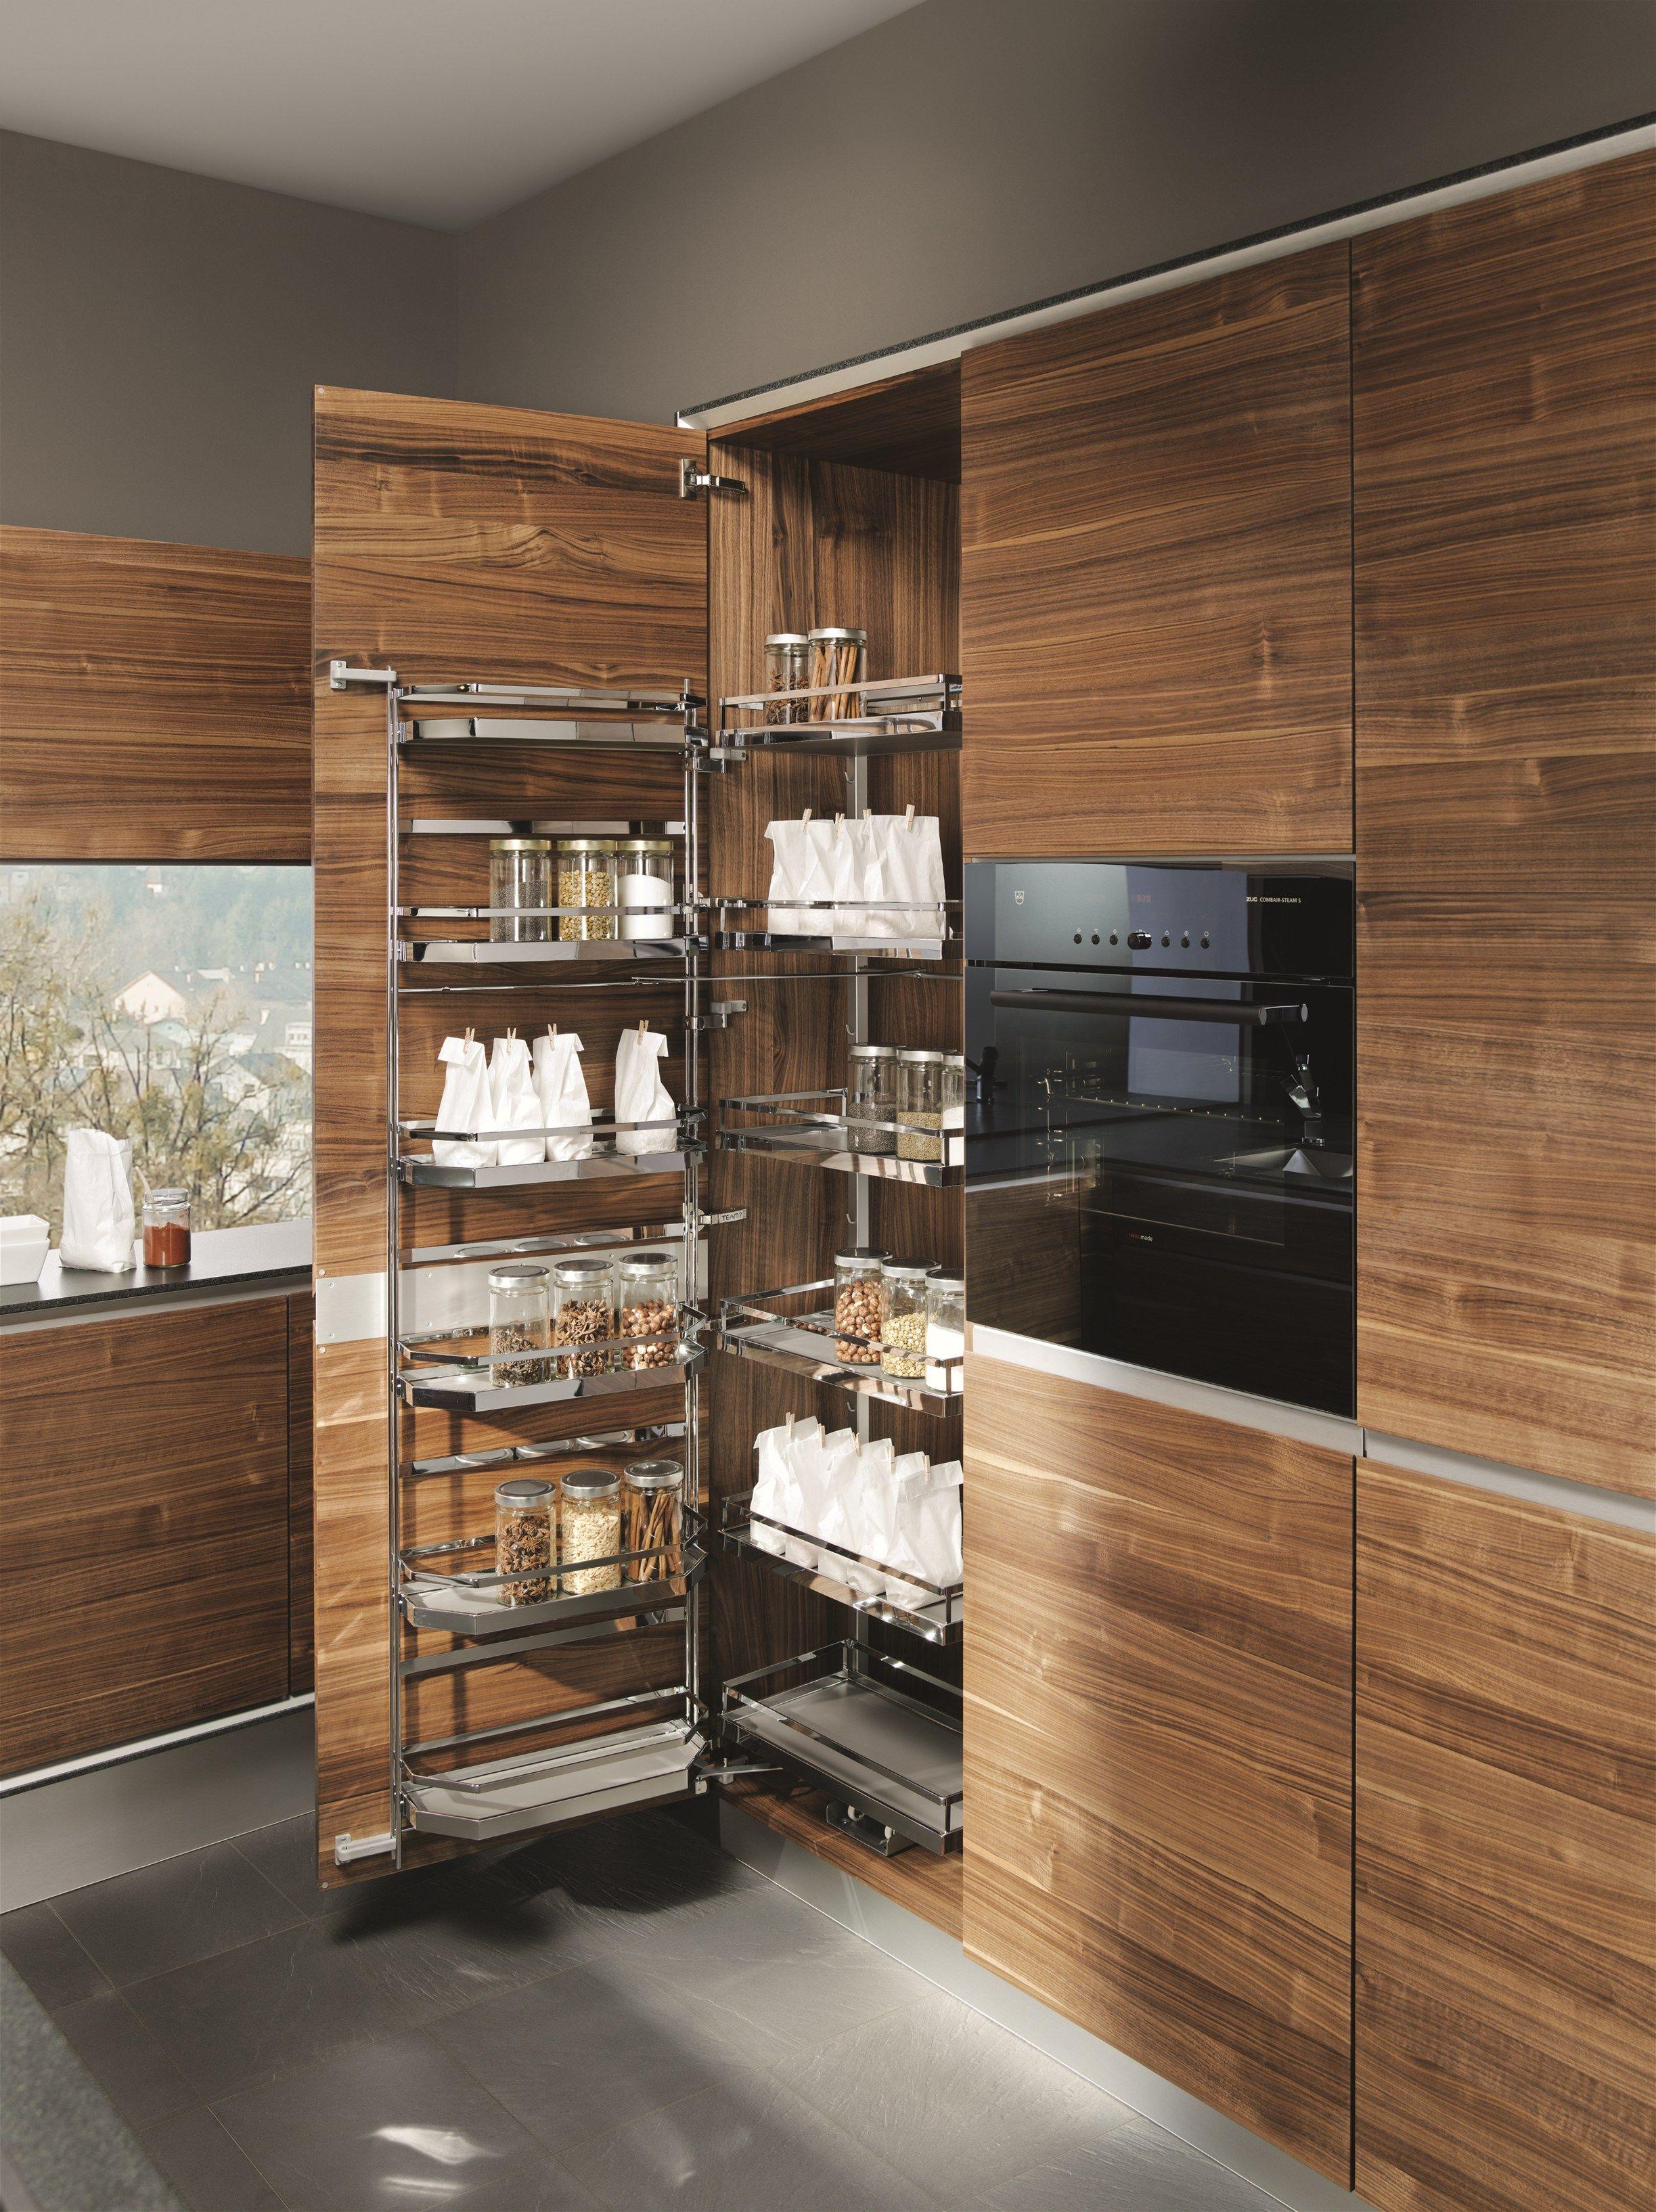 cocina de madera maciza con isla vao by team natrlich wohnen diseo sebastian desch